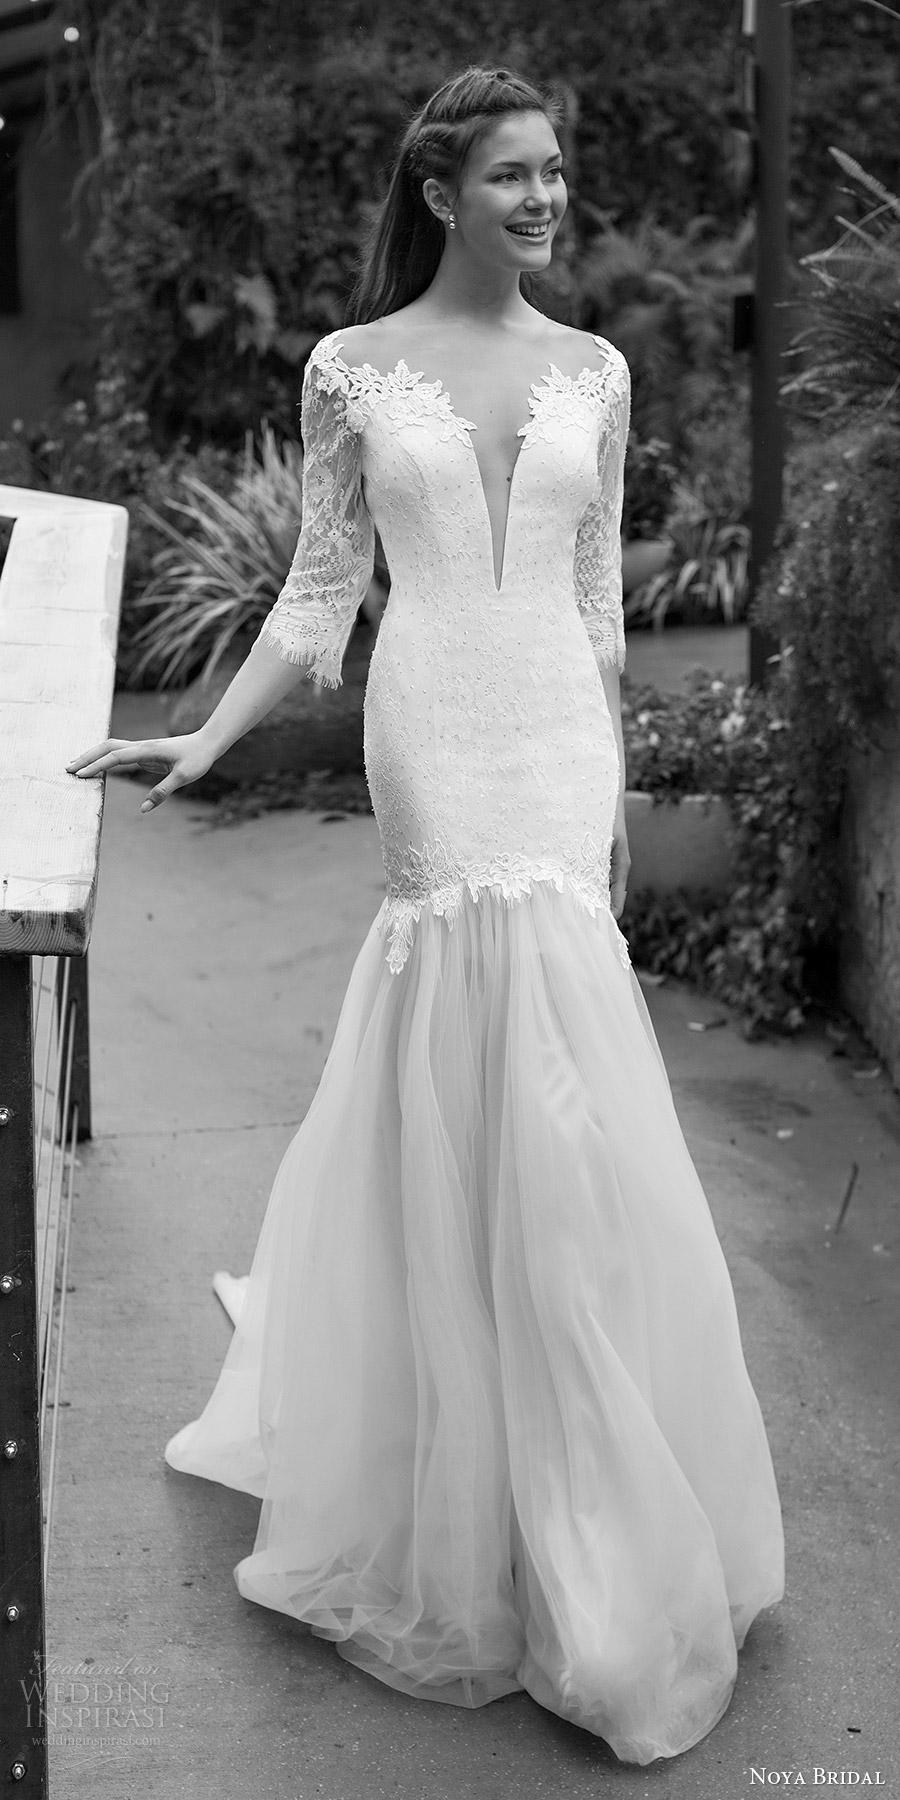 noya bridal 2016 3 quarter sleeves split sweetheart fit flare wedding dress (1205) mv elegant